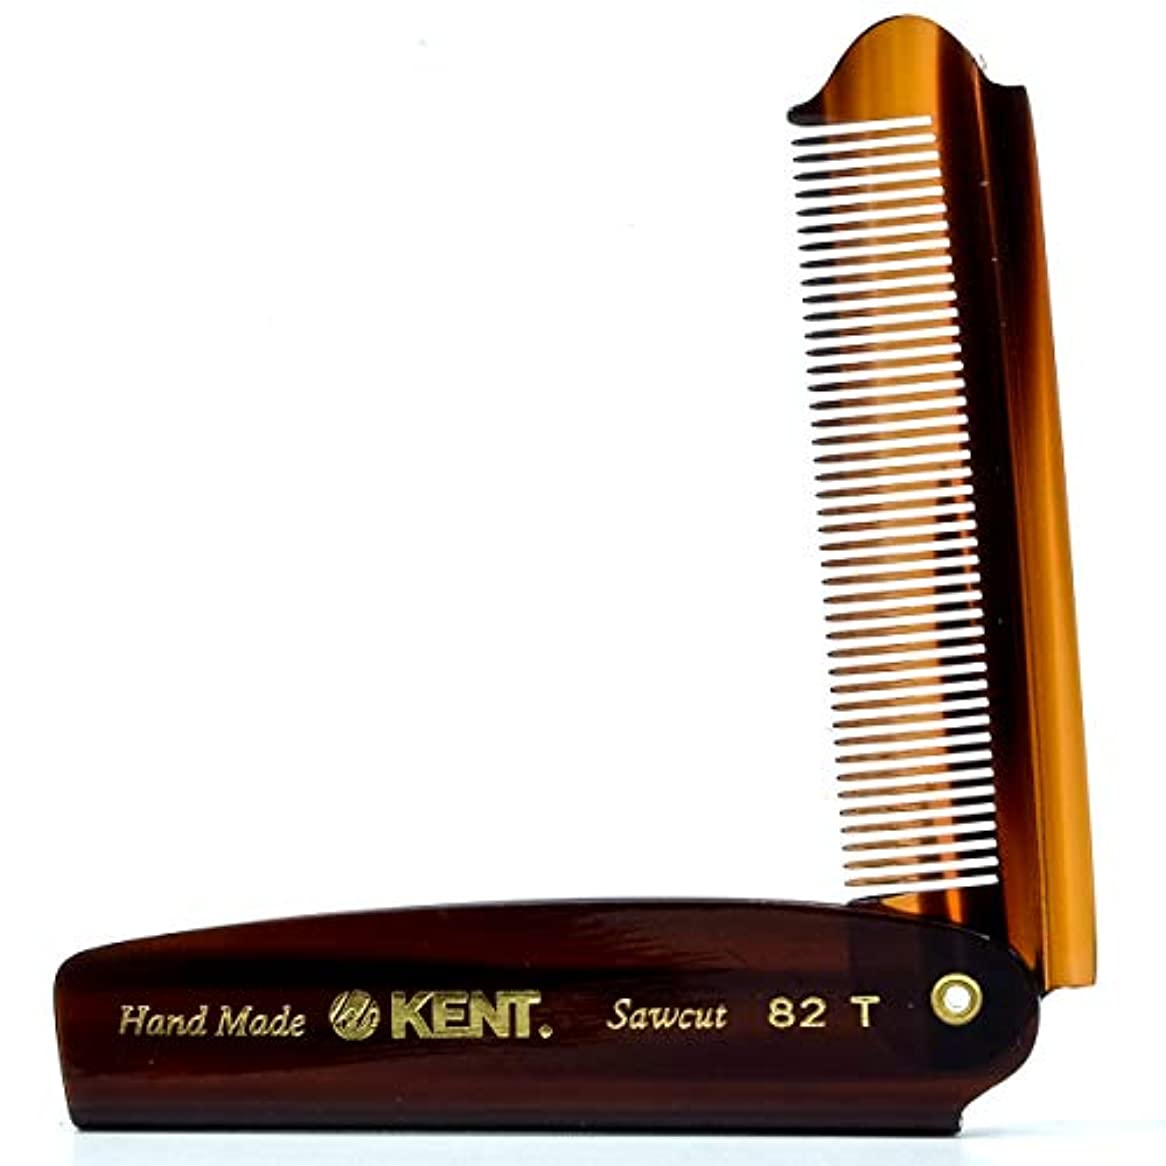 ポールこどもの日病んでいるKENT ケント 携帯用 メンズ 折りたたみ式 コーム 82T 細め イギリス製